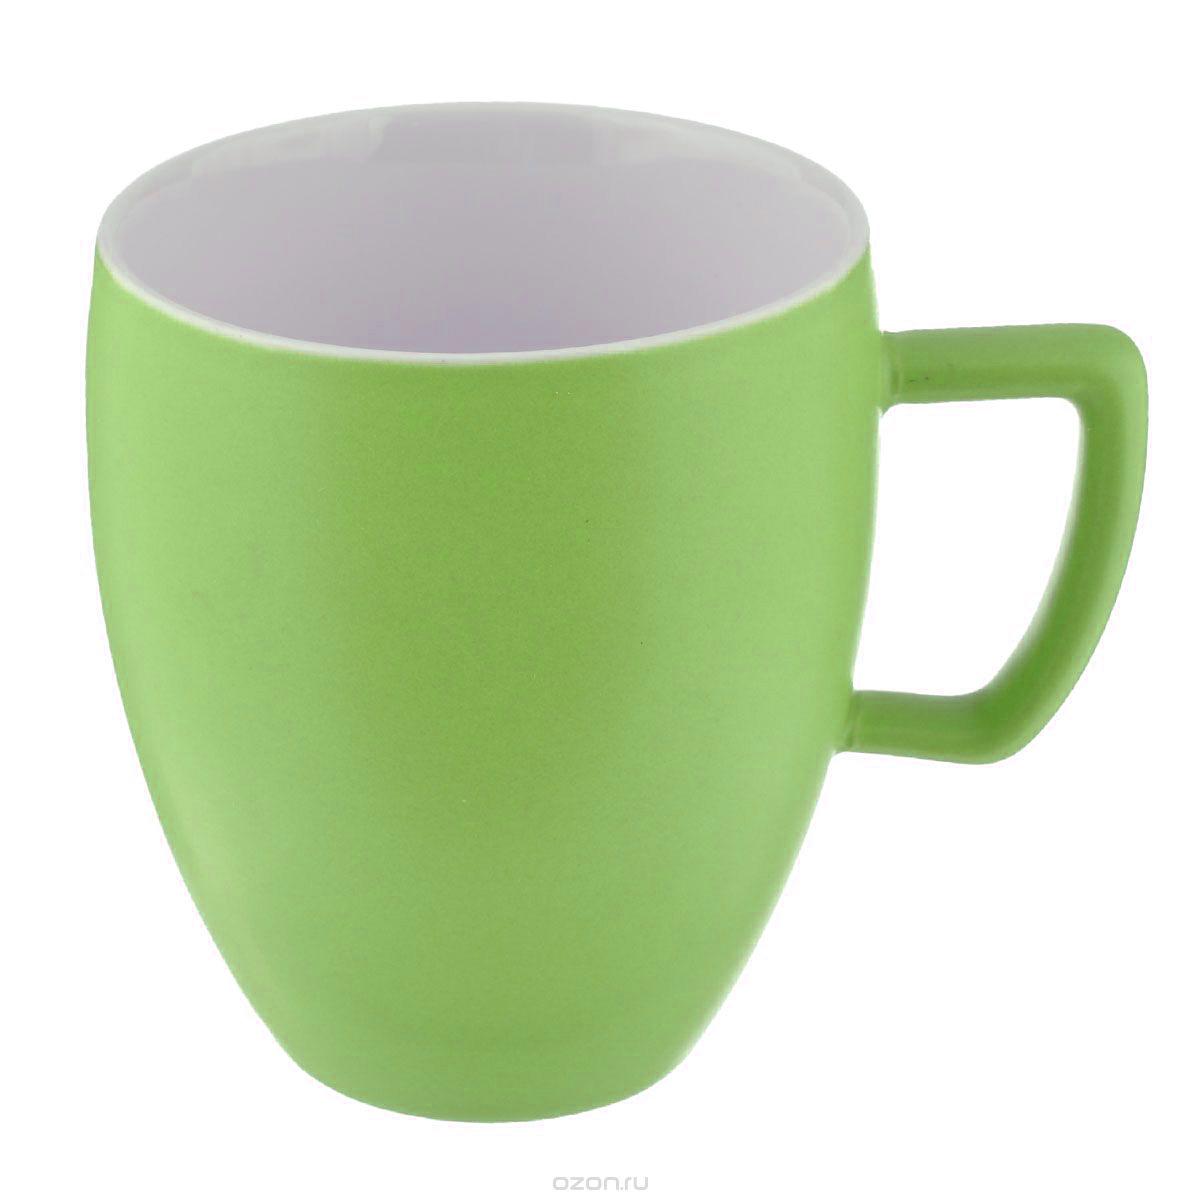 Кружка Tescoma Crema Tone, цвет: светло-зеленый, 300 мл115610Кружка Tescoma Crema Tone, изготовленная из высококачественного фарфора, прекрасно дополнит интерьер вашей кухни. Изящный дизайн кружки придется по вкусу и ценителям классики, и тем, кто предпочитает утонченность и изысканность. Кружка Tescoma Crema Tone станет хорошим подарком к любому празднику. Диаметр (по верхнему краю): 8 см.Высота: 10 см.